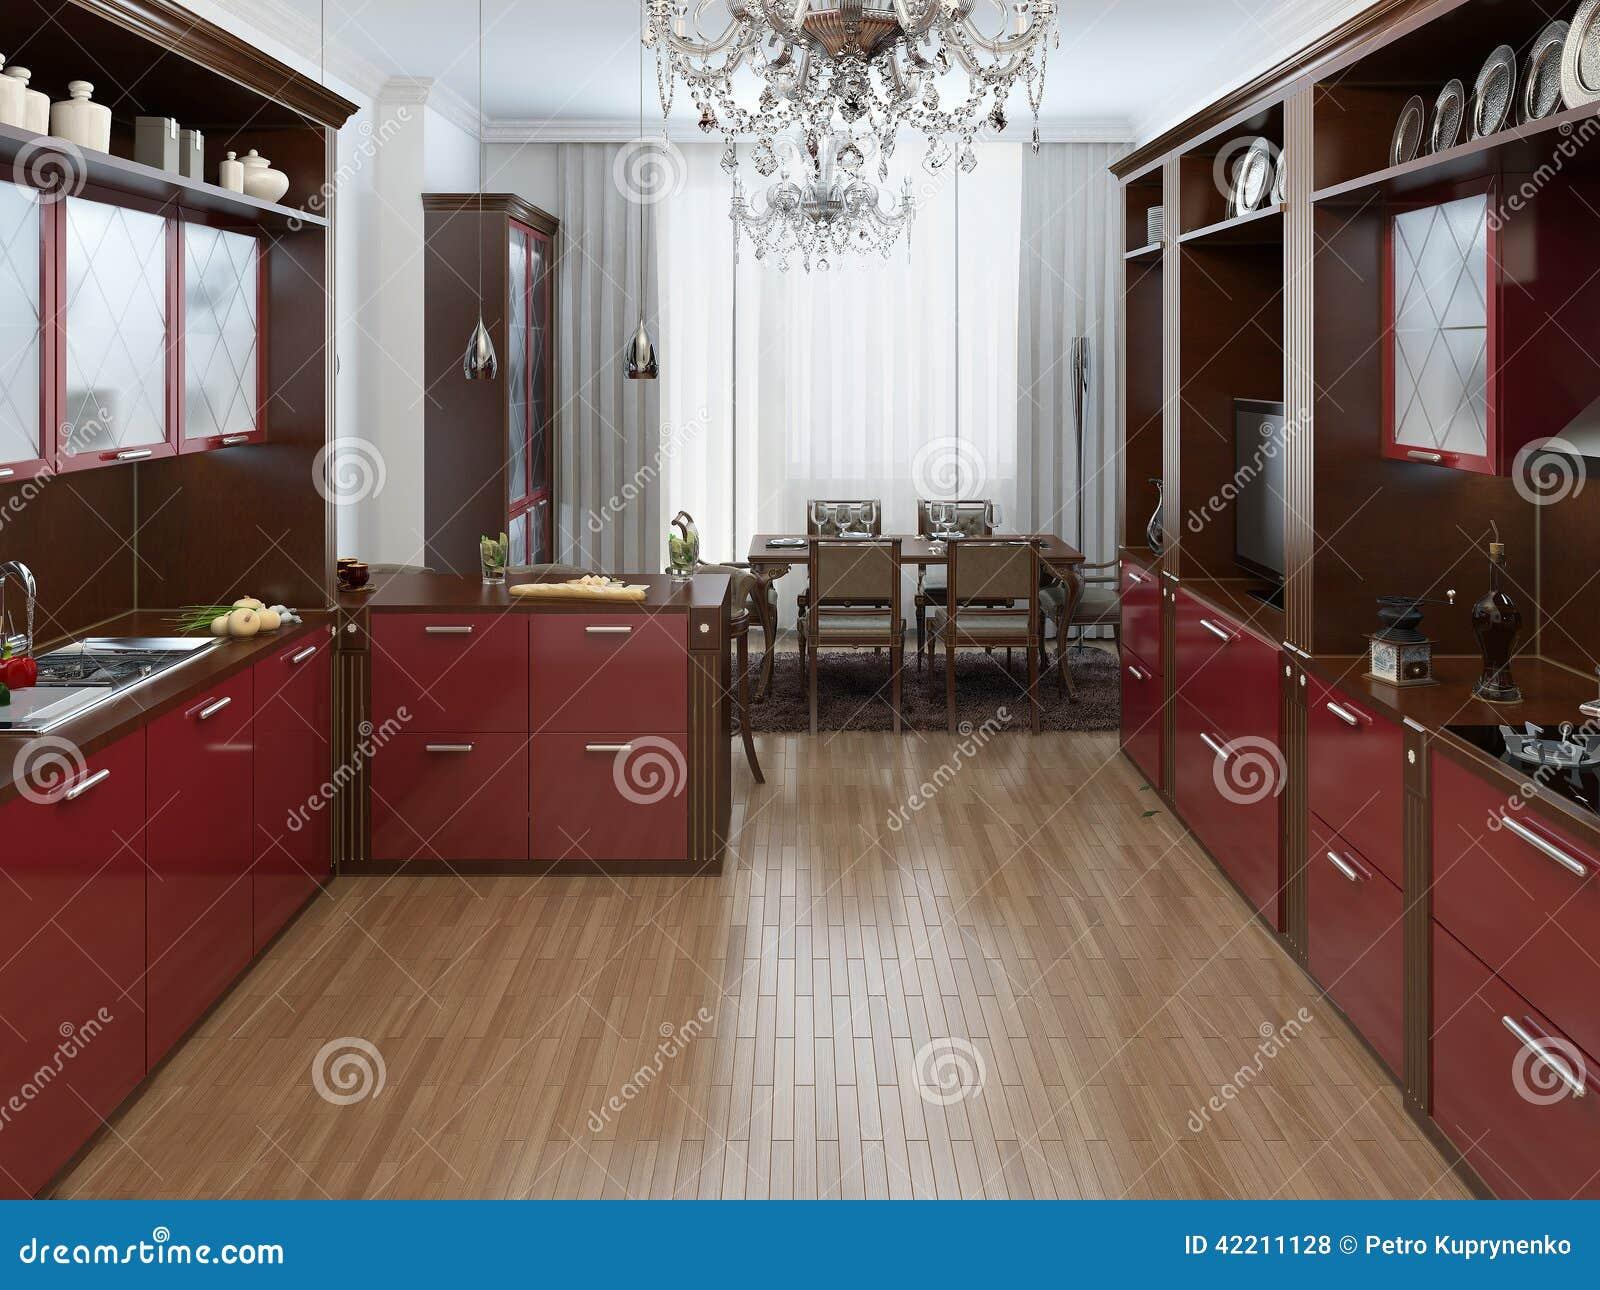 Keuken in de art deco stijl stock illustratie afbeelding 42211128 - Mode keuken deco ...